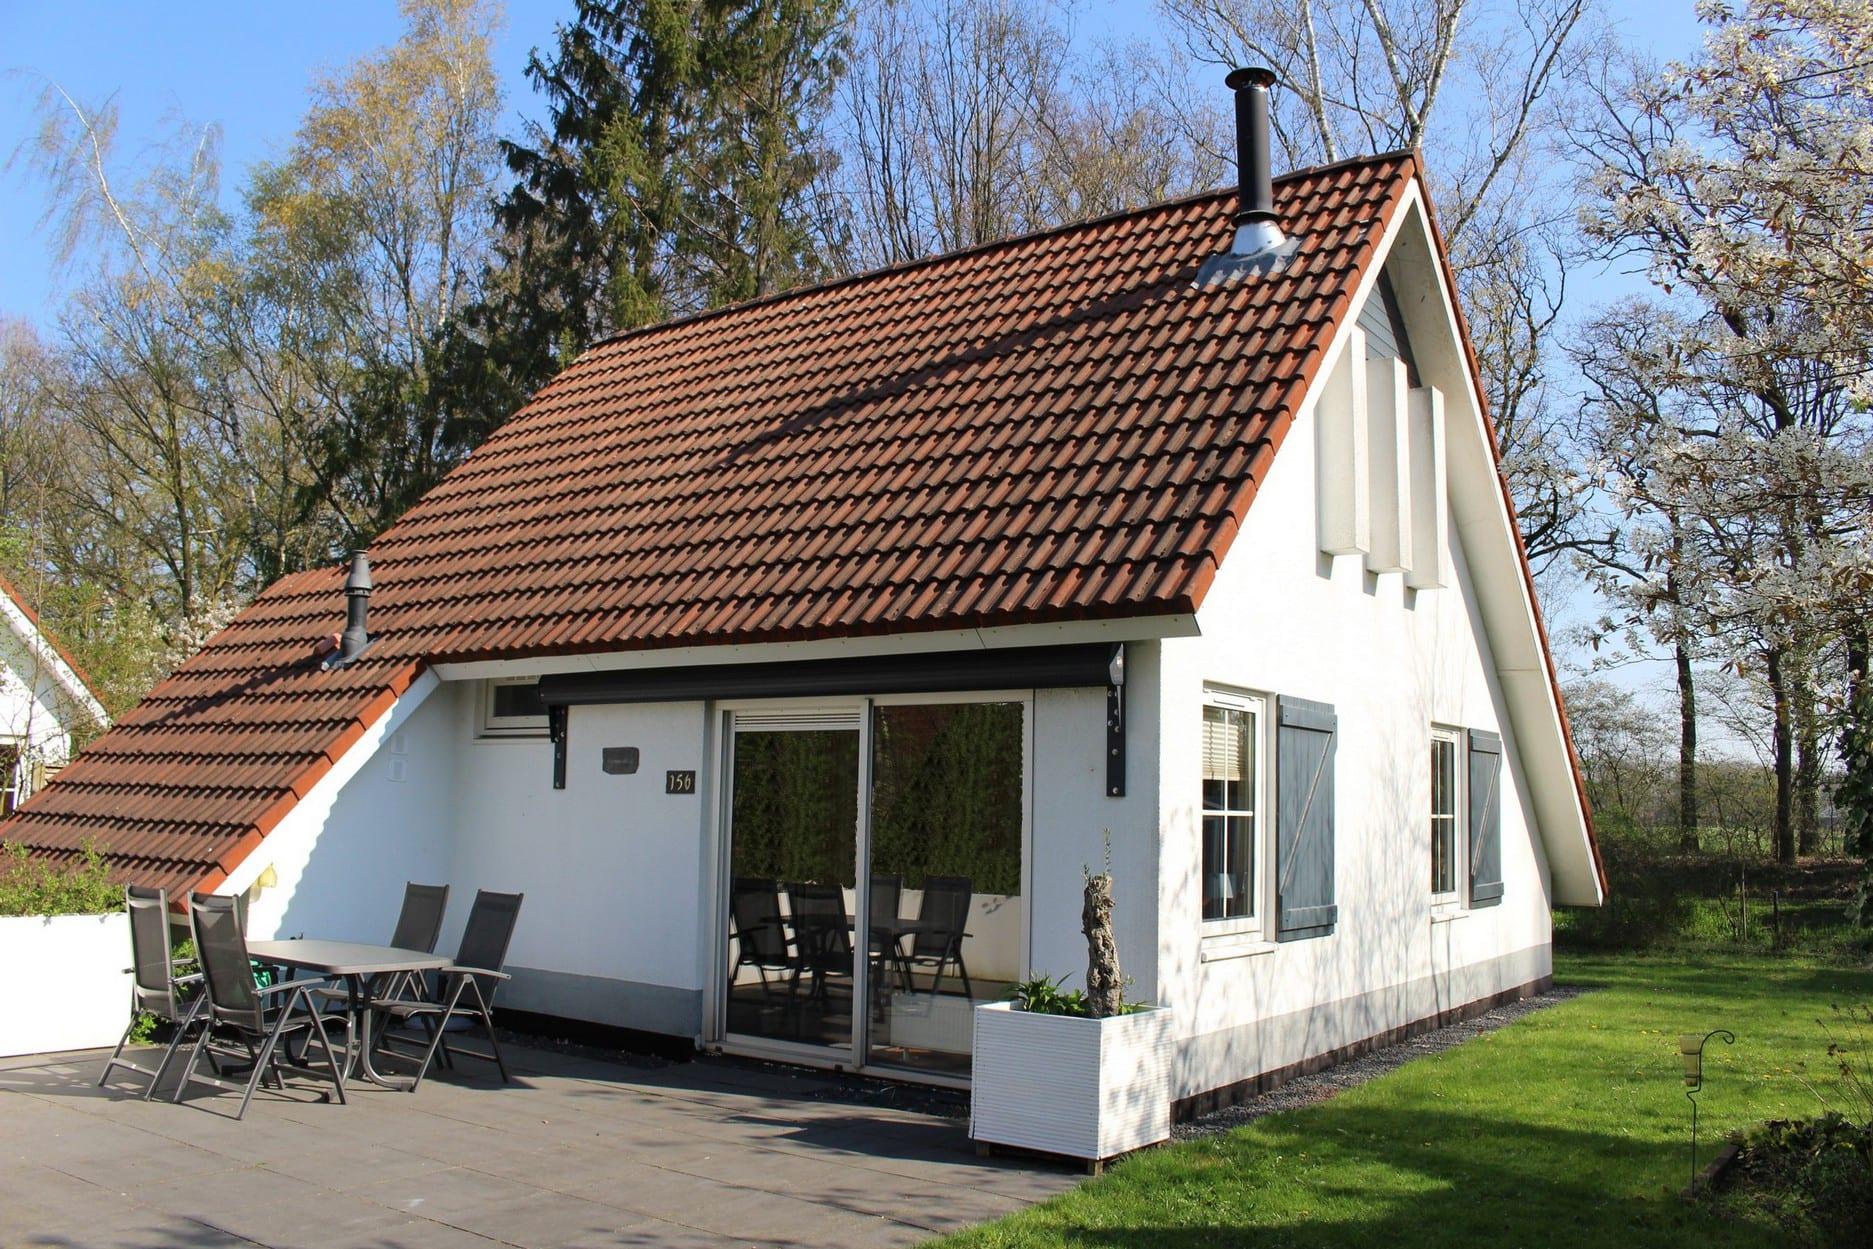 1 Landgoed De Elsgraven - Vakantiehuis nr. 156 - 4-persoons comfort